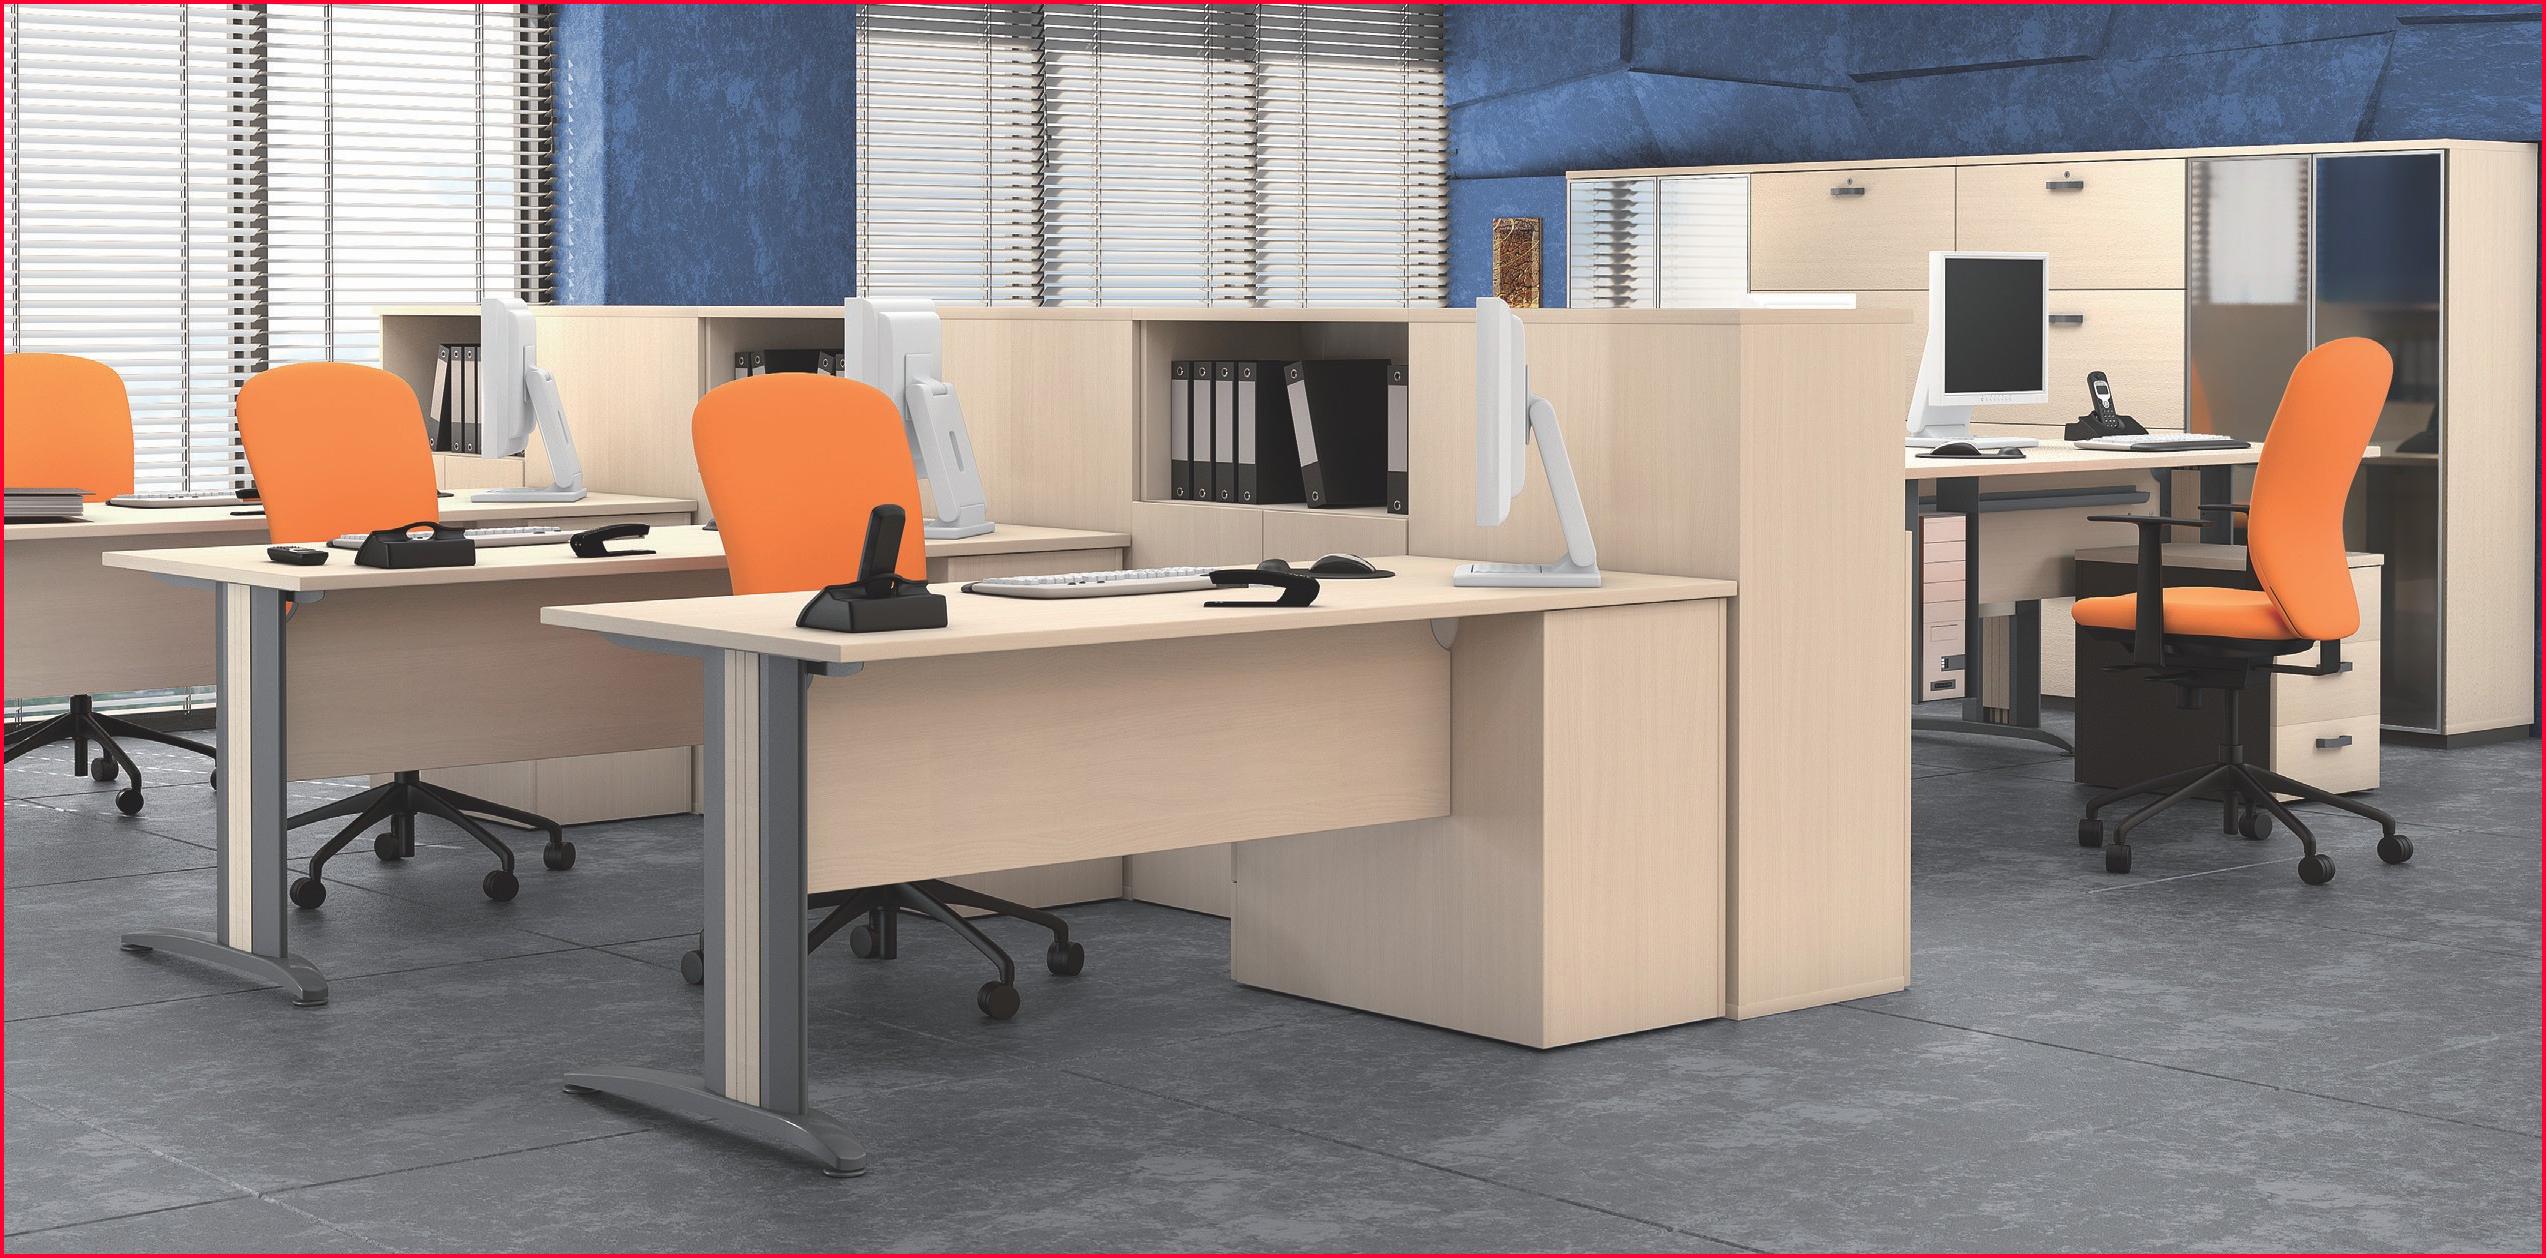 Mobiliario De Oficina Segunda Mano Dddy Muebles Oficina Segunda Mano Madrid Muebles Icina Serie Sigma